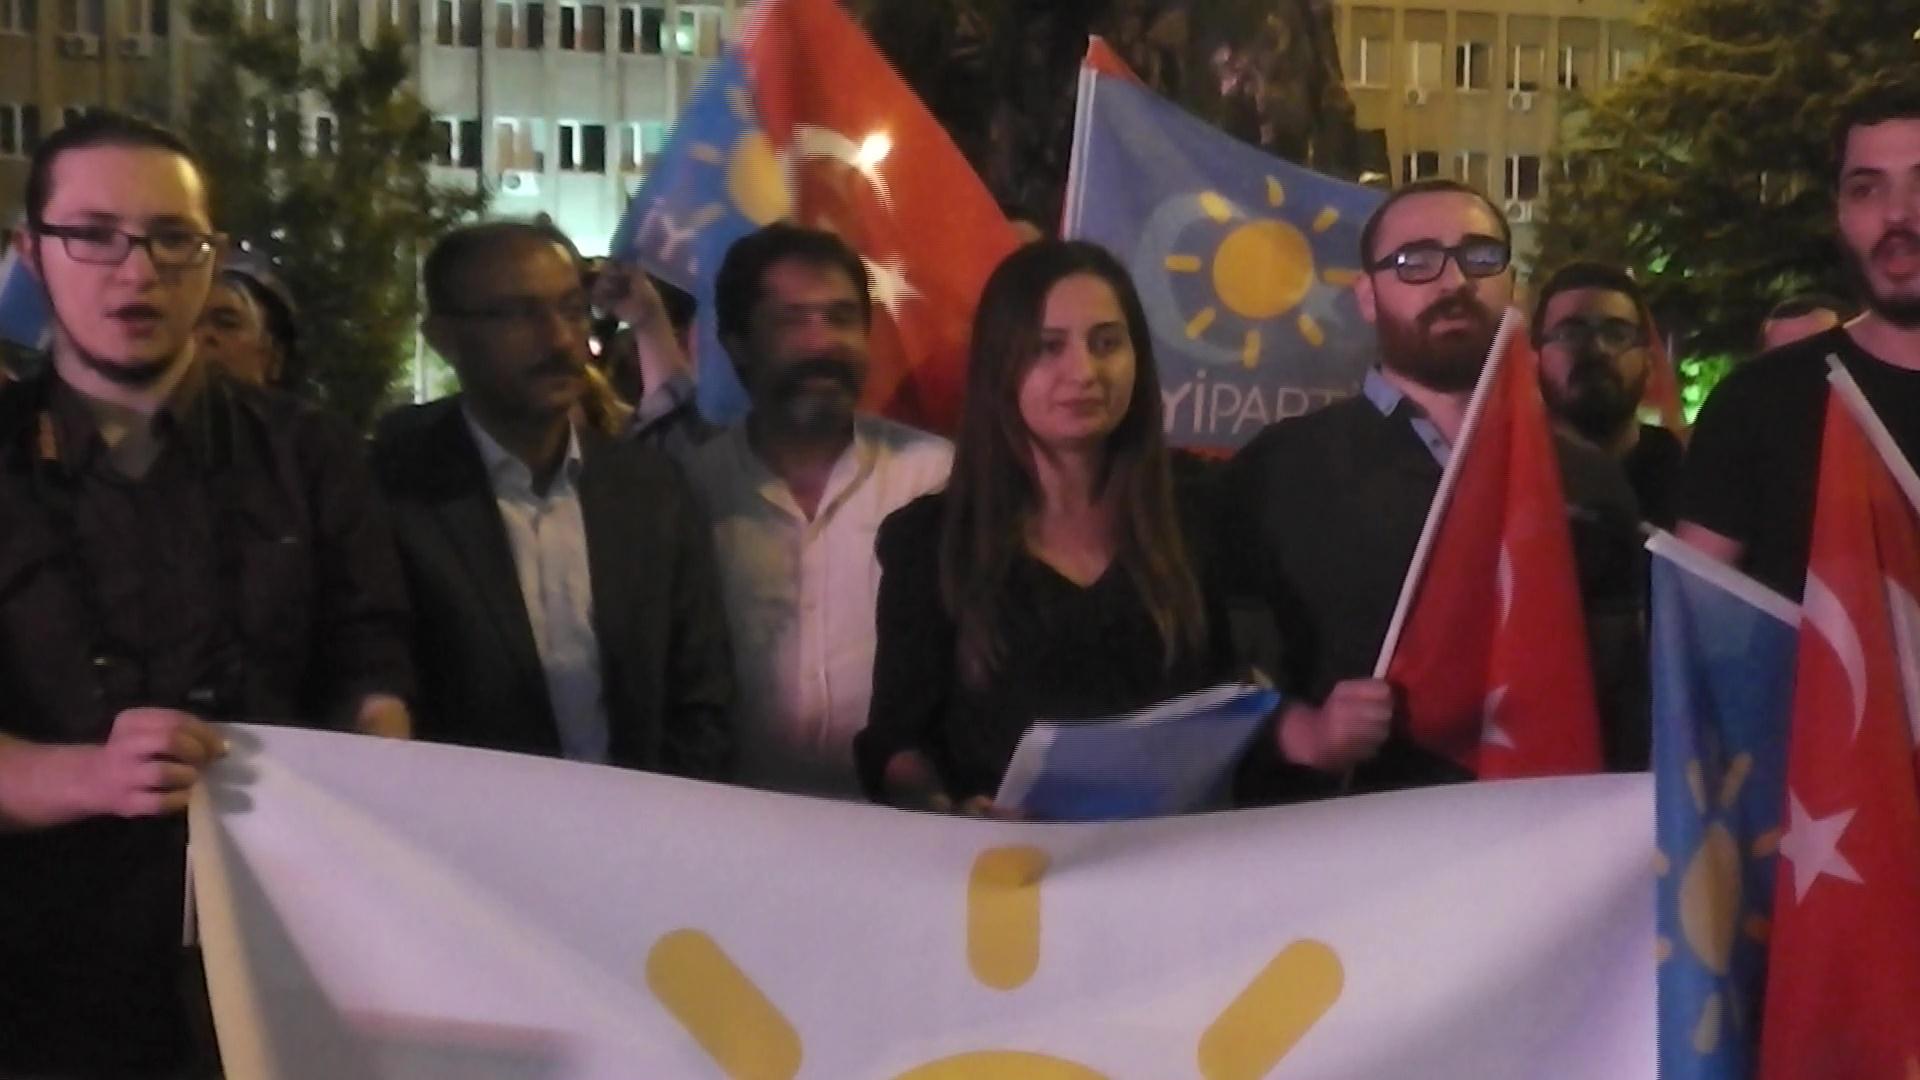 İYİ Parti Gençlik Kolları'ndan Basın Açıklaması